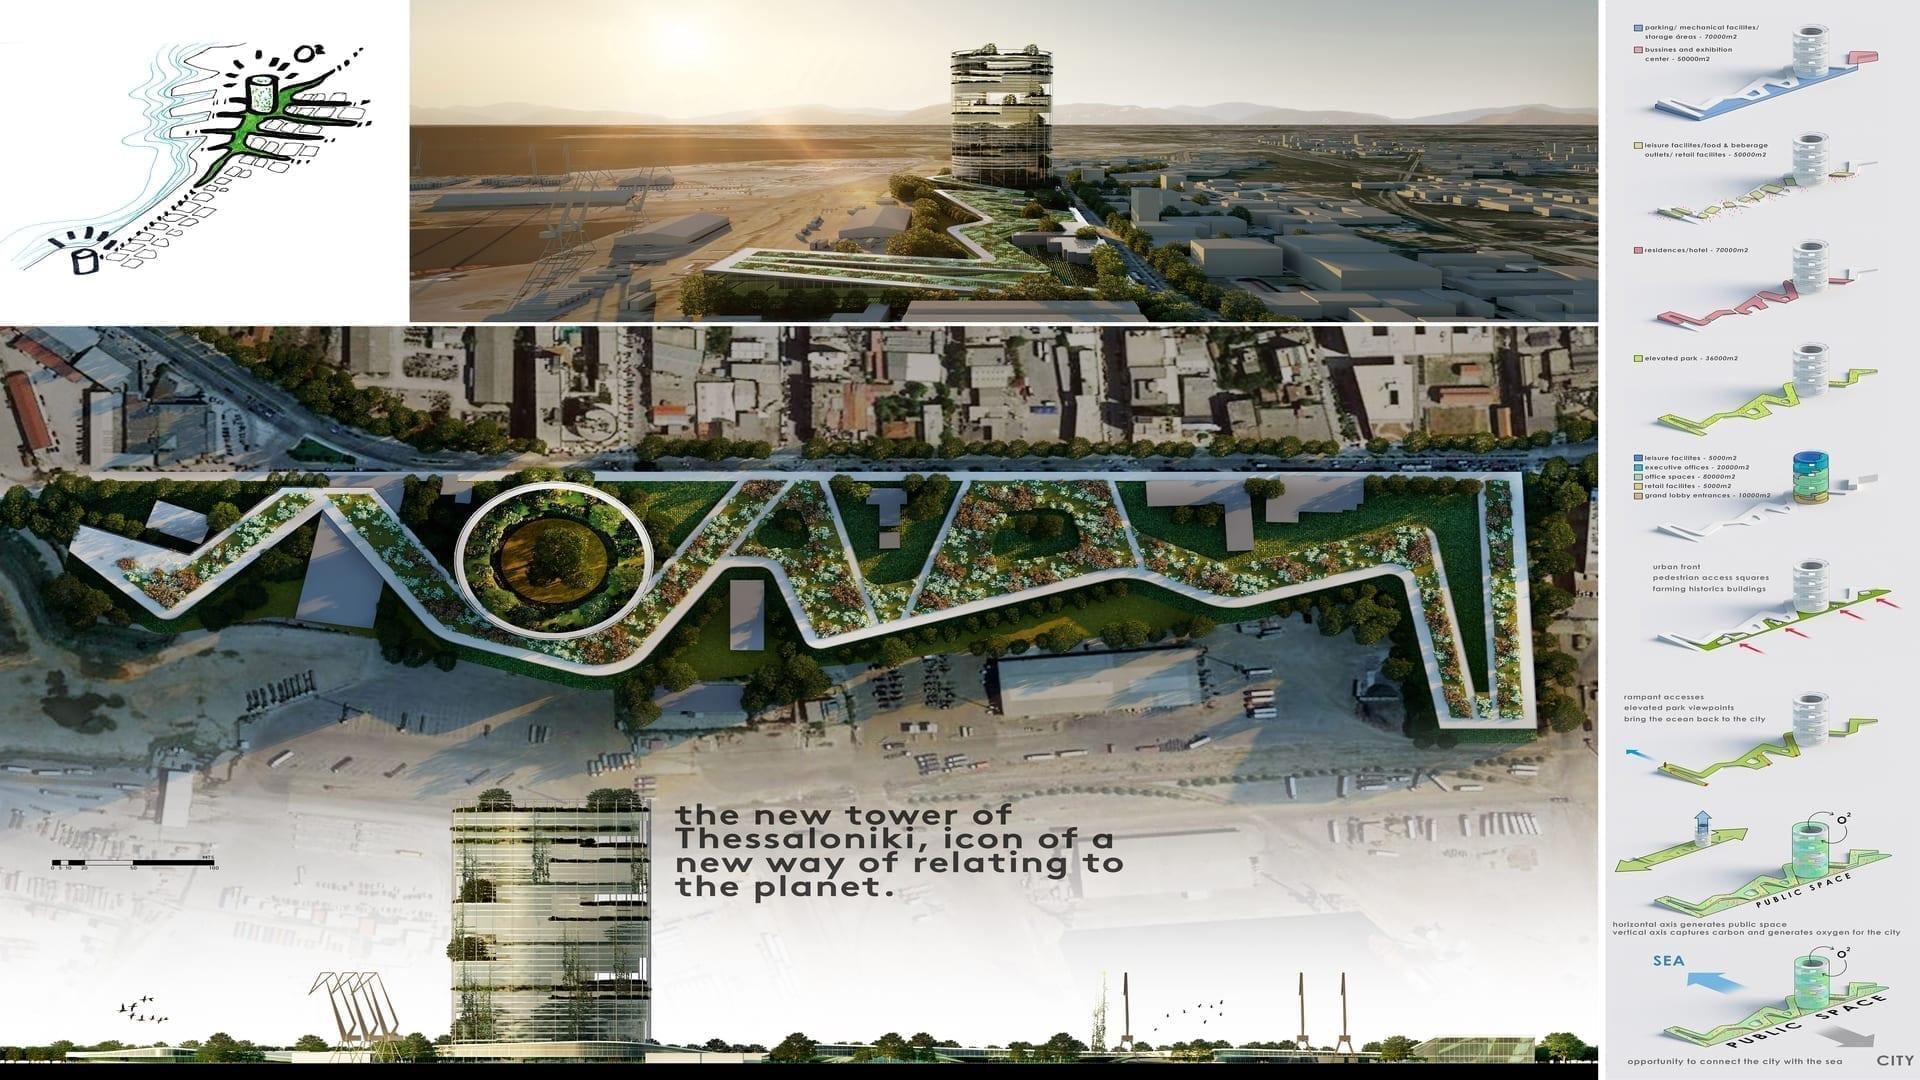 4th Prize Bioclimatic Urban Lighthouse 1 1920X1080 - ArXellence 2: participare impresionantă la Competiția de Arhitectură realizată de ALUMIL pentru crearea noului Central Business District (CBD) din Salonic, Grecia